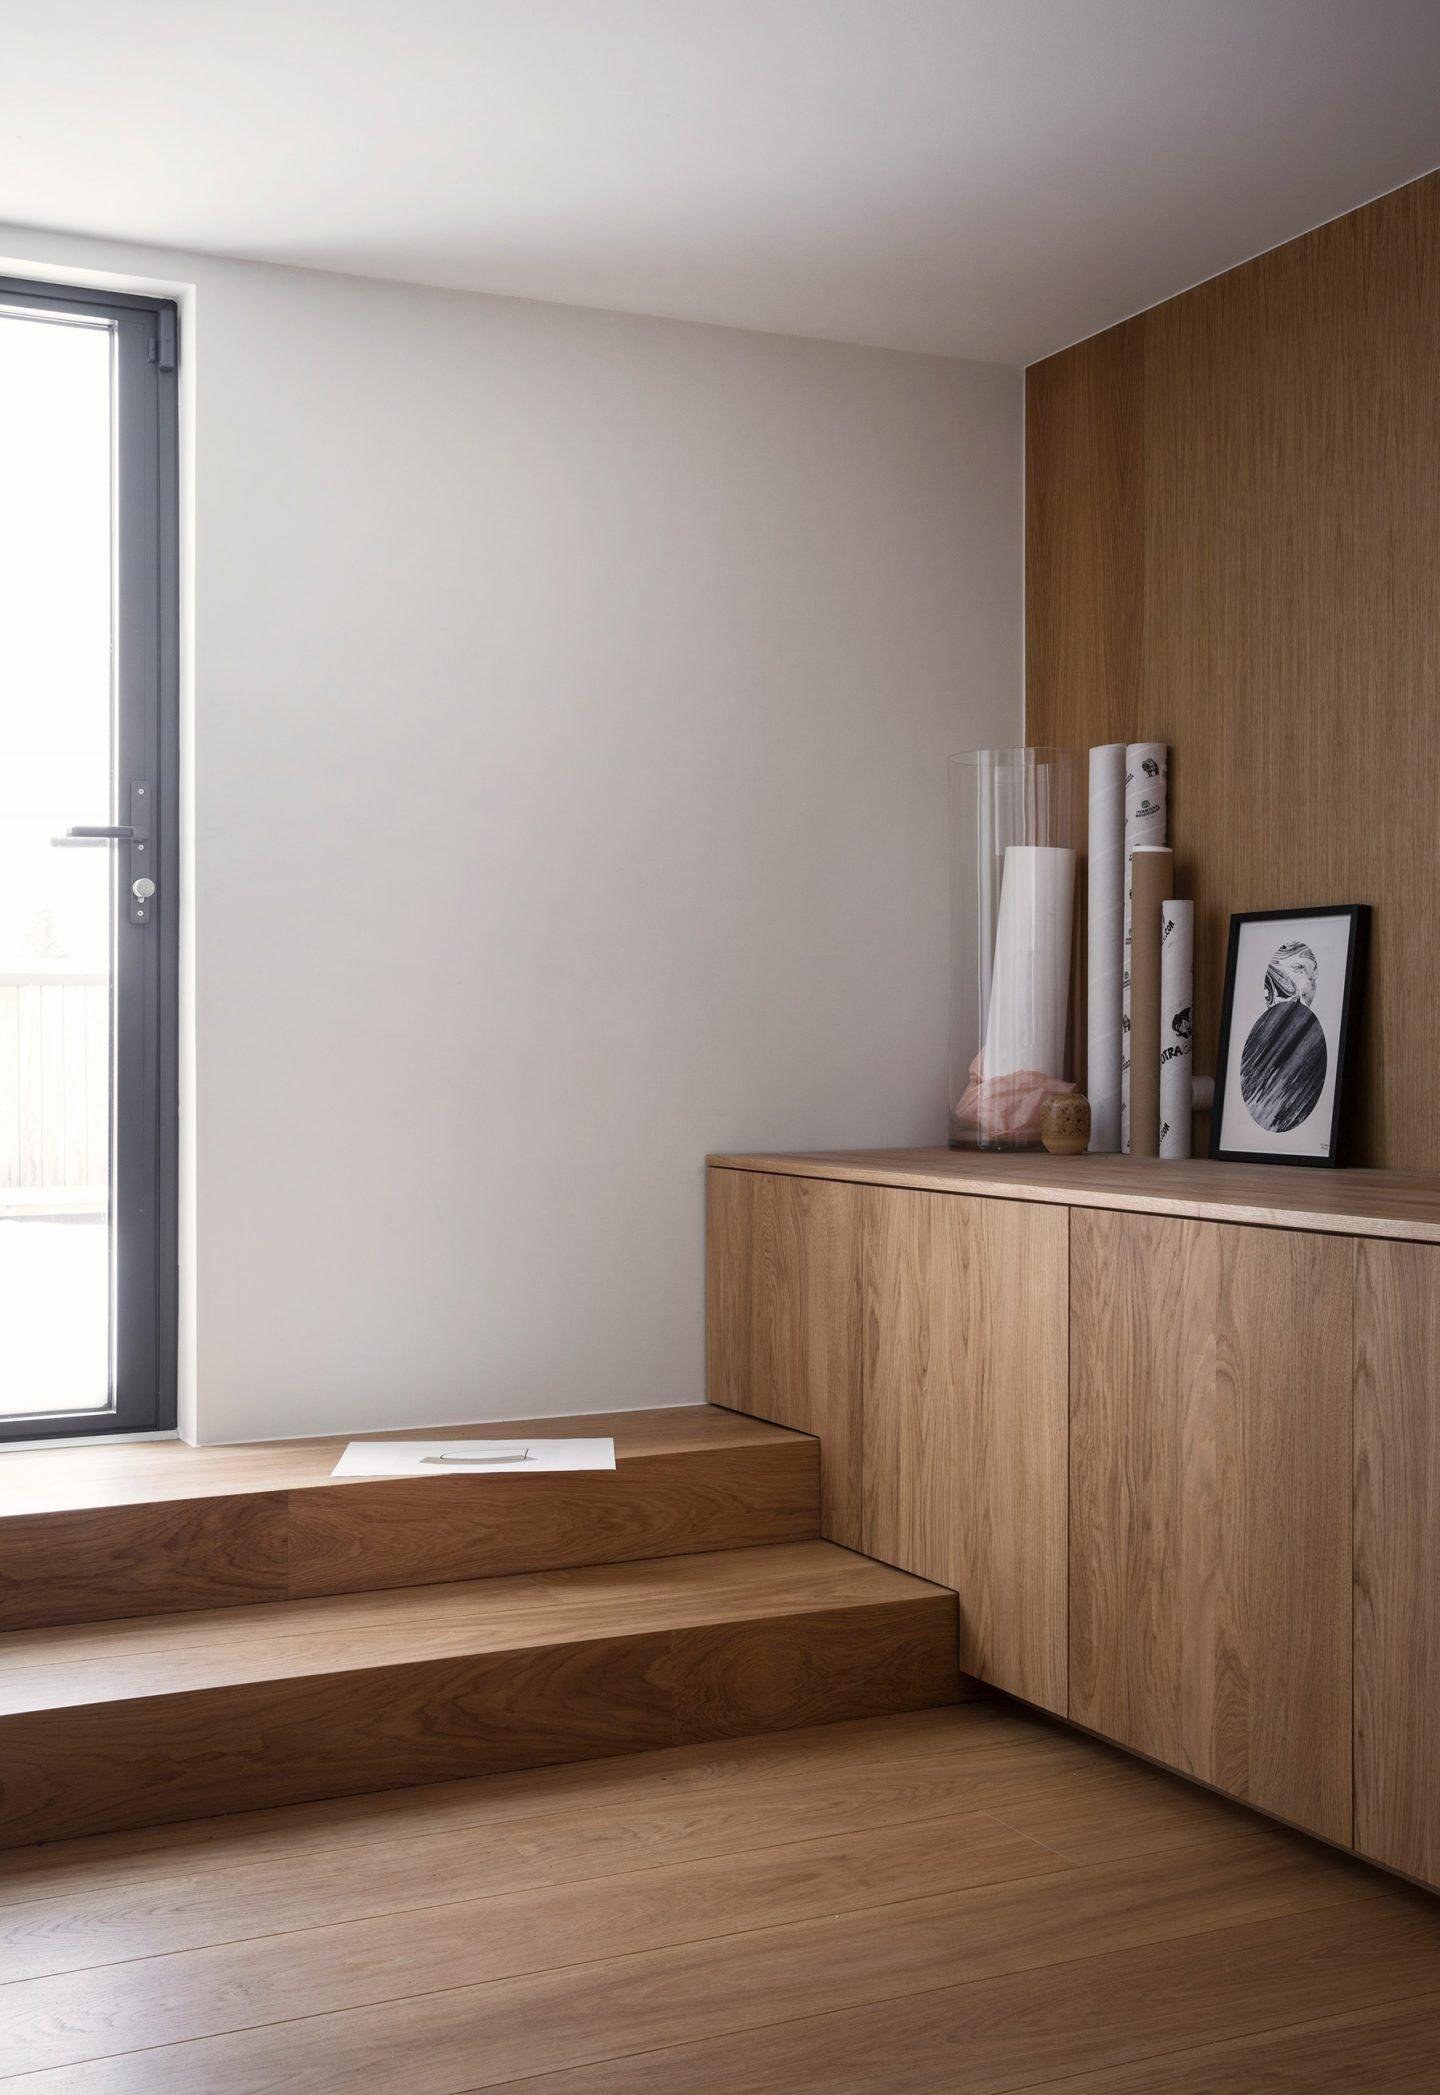 iGNANT-Architecture-Norm-Architects-Gjovik-House-15